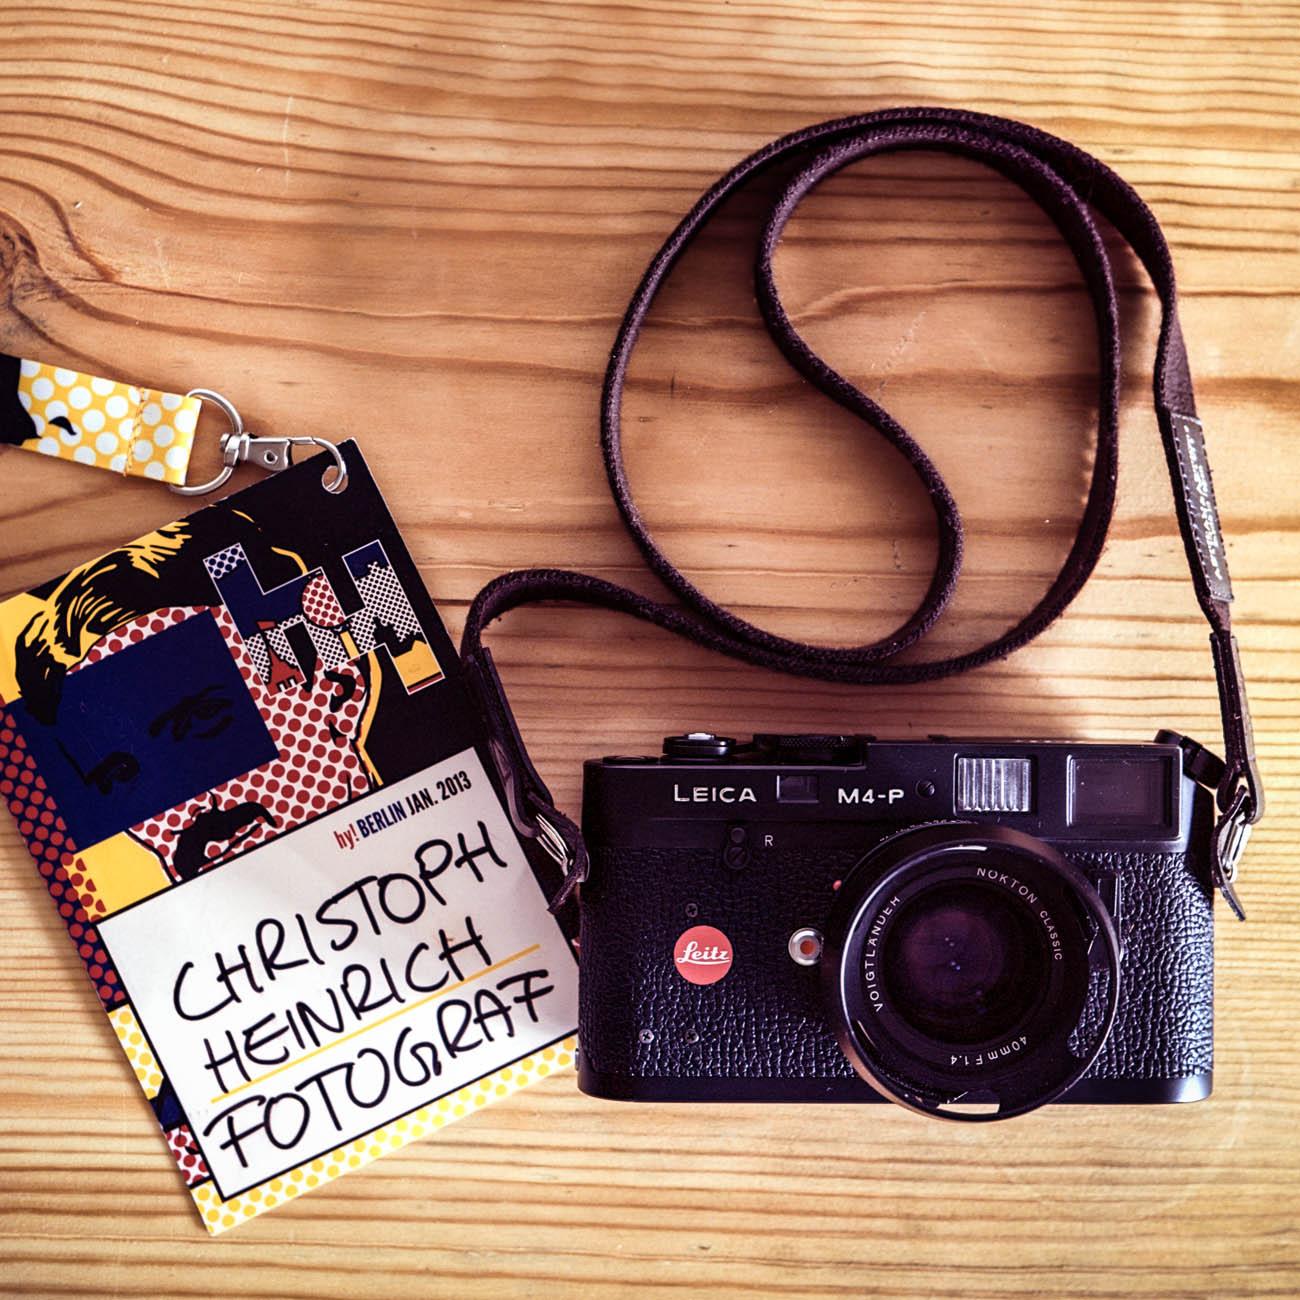 Christoph Heinrich » Fotografie » Reinigung einer Leica M